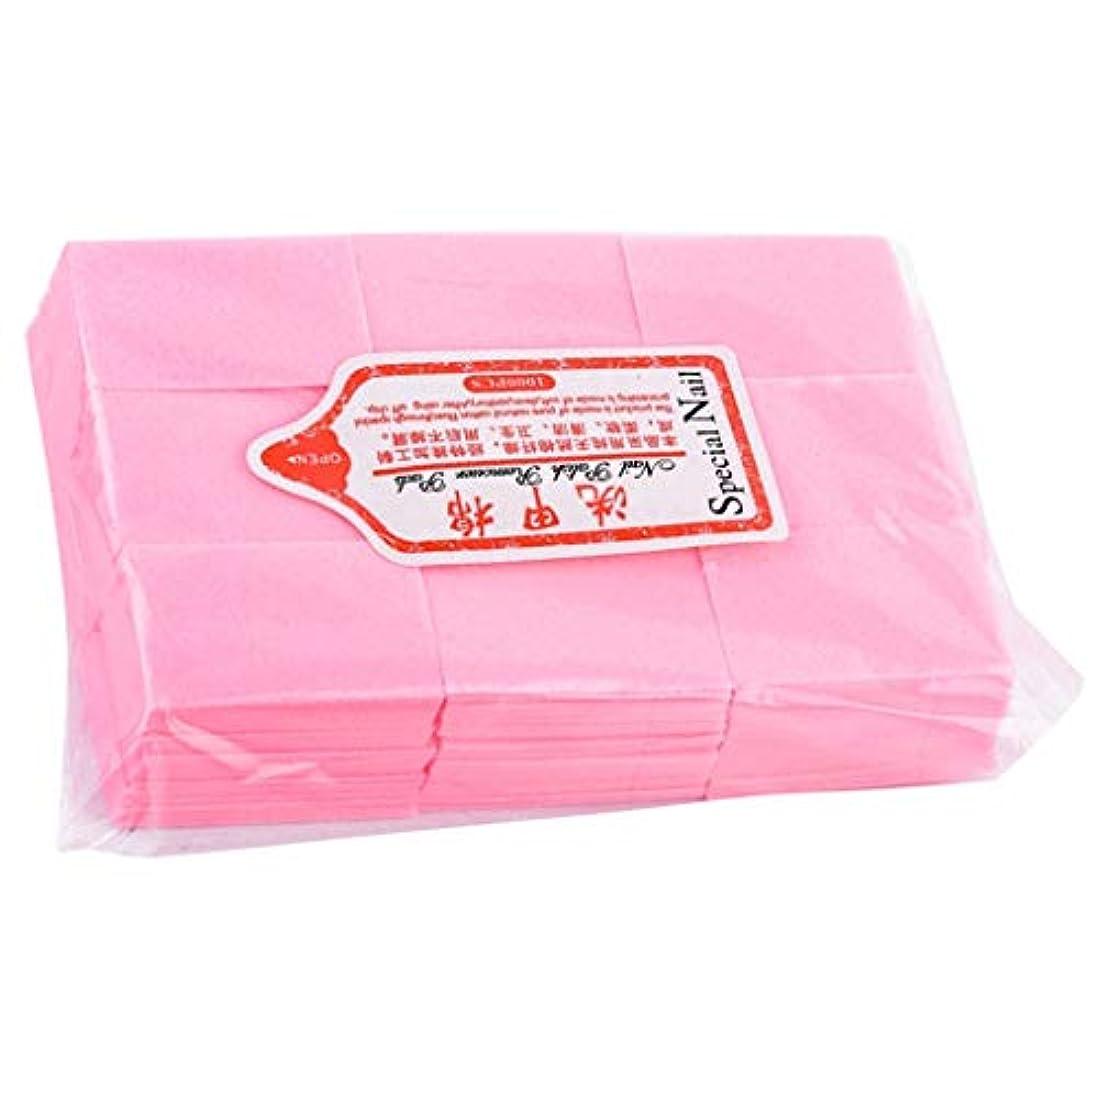 食い違い自動著者Perfeclan ネイルワイプ コットンパッド 使い捨て ネイルポリッシュリムーバー パッド マニキュア 全4色 - ピンク